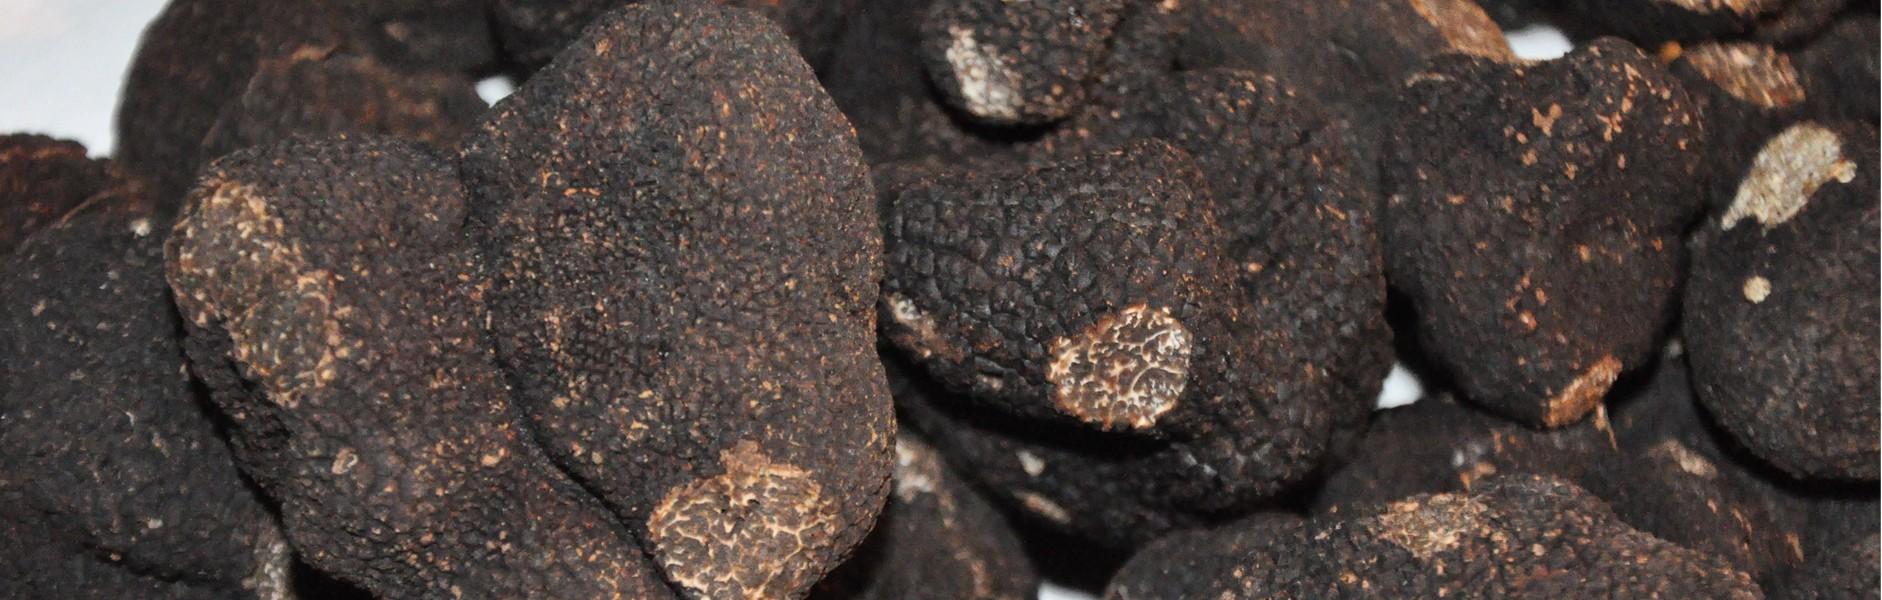 Truffles From Perigord